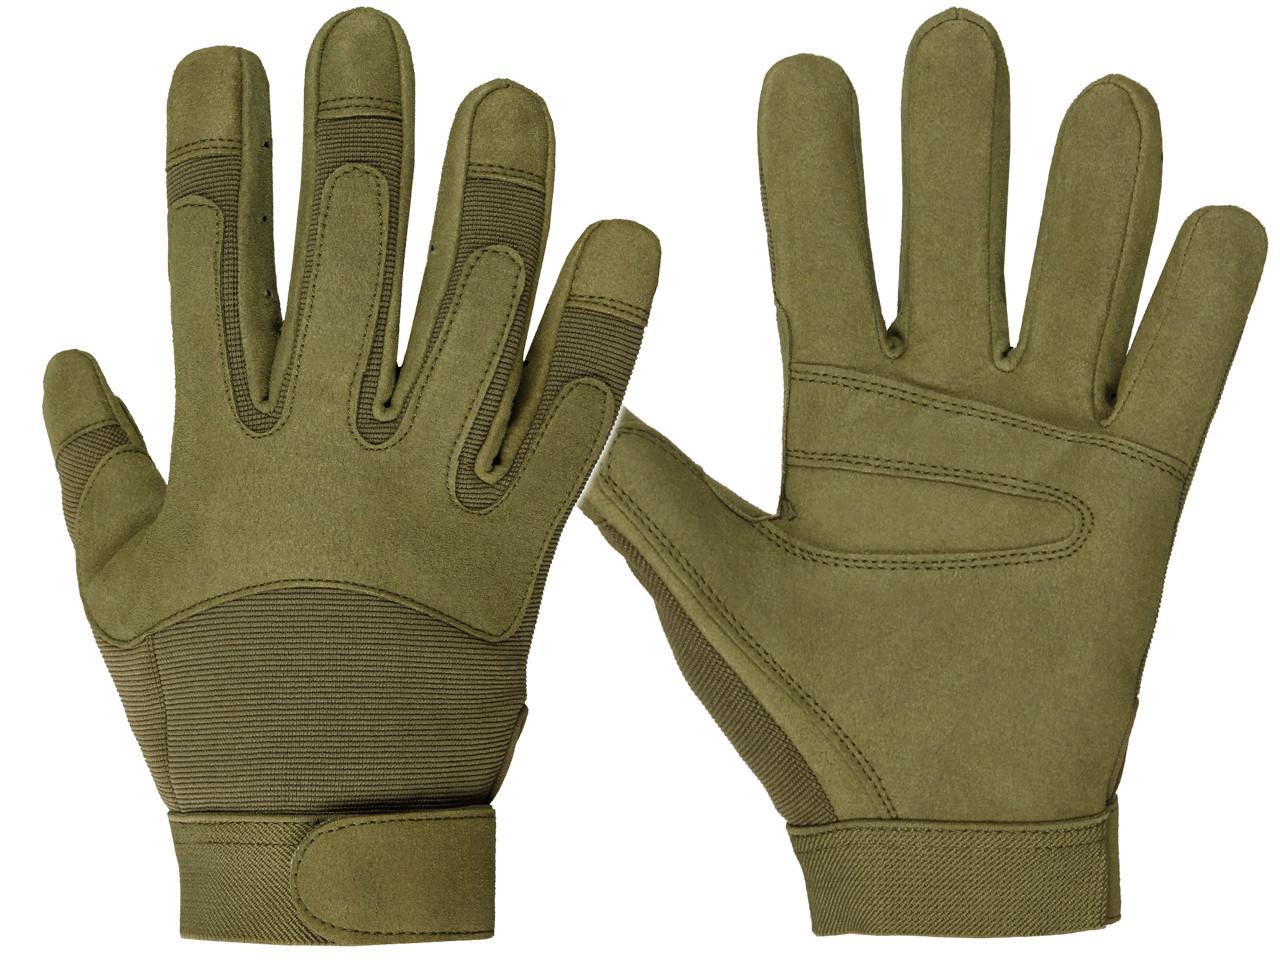 Тактические защитные перчатки  Mil-tec Army Gloves койот